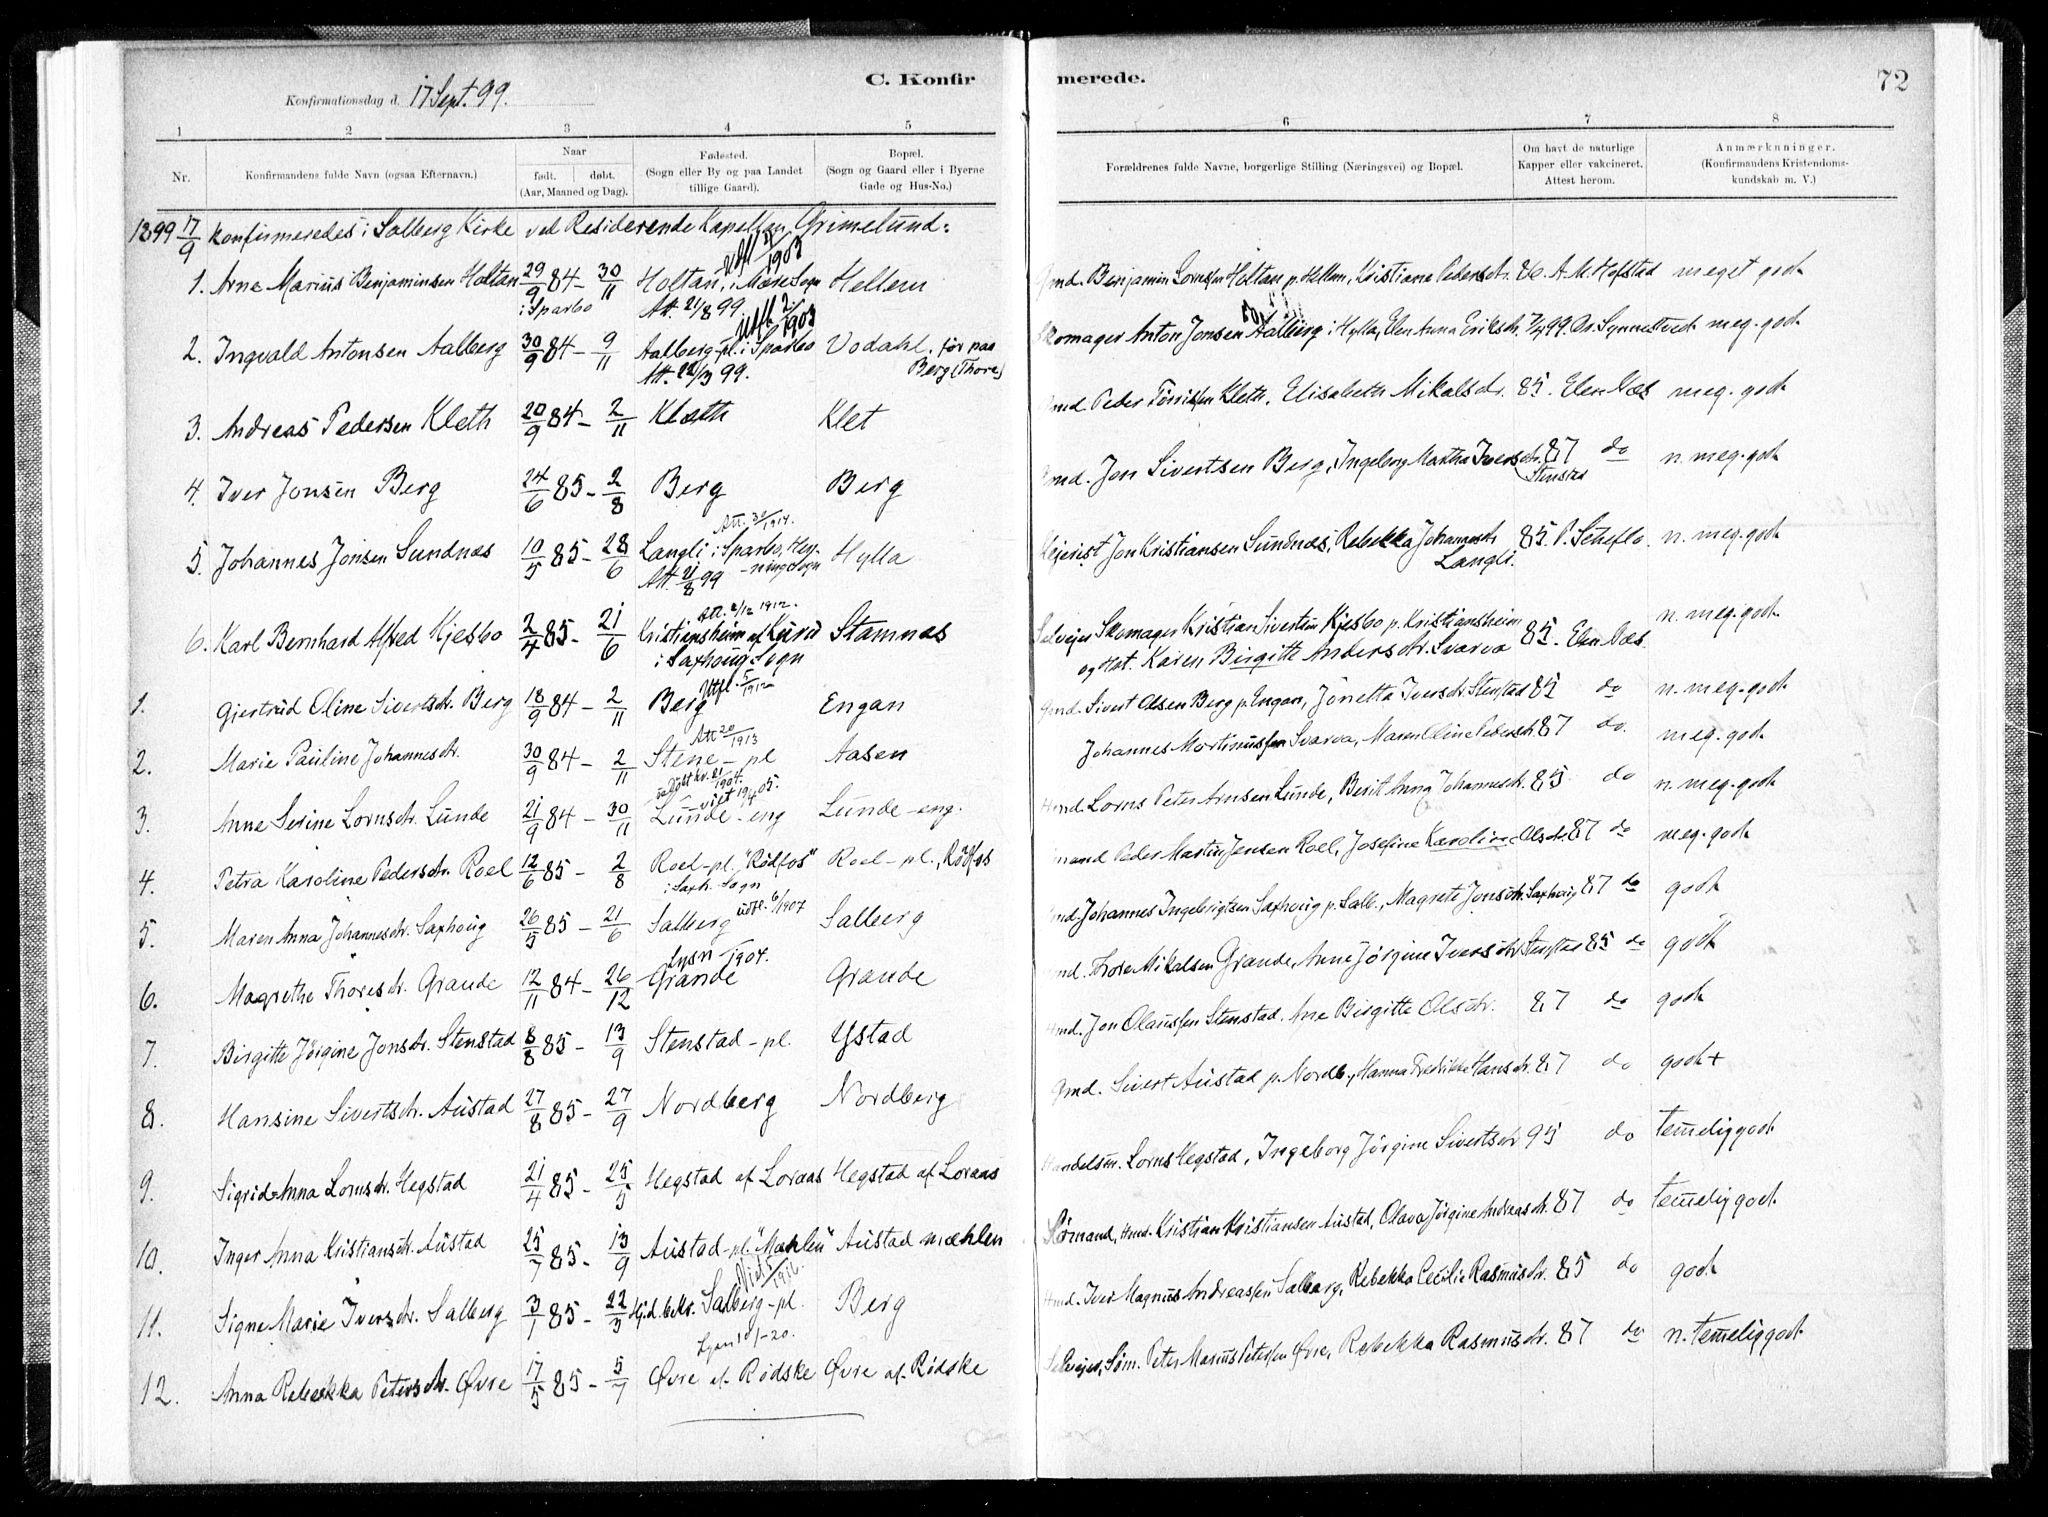 SAT, Ministerialprotokoller, klokkerbøker og fødselsregistre - Nord-Trøndelag, 731/L0309: Ministerialbok nr. 731A01, 1879-1918, s. 72